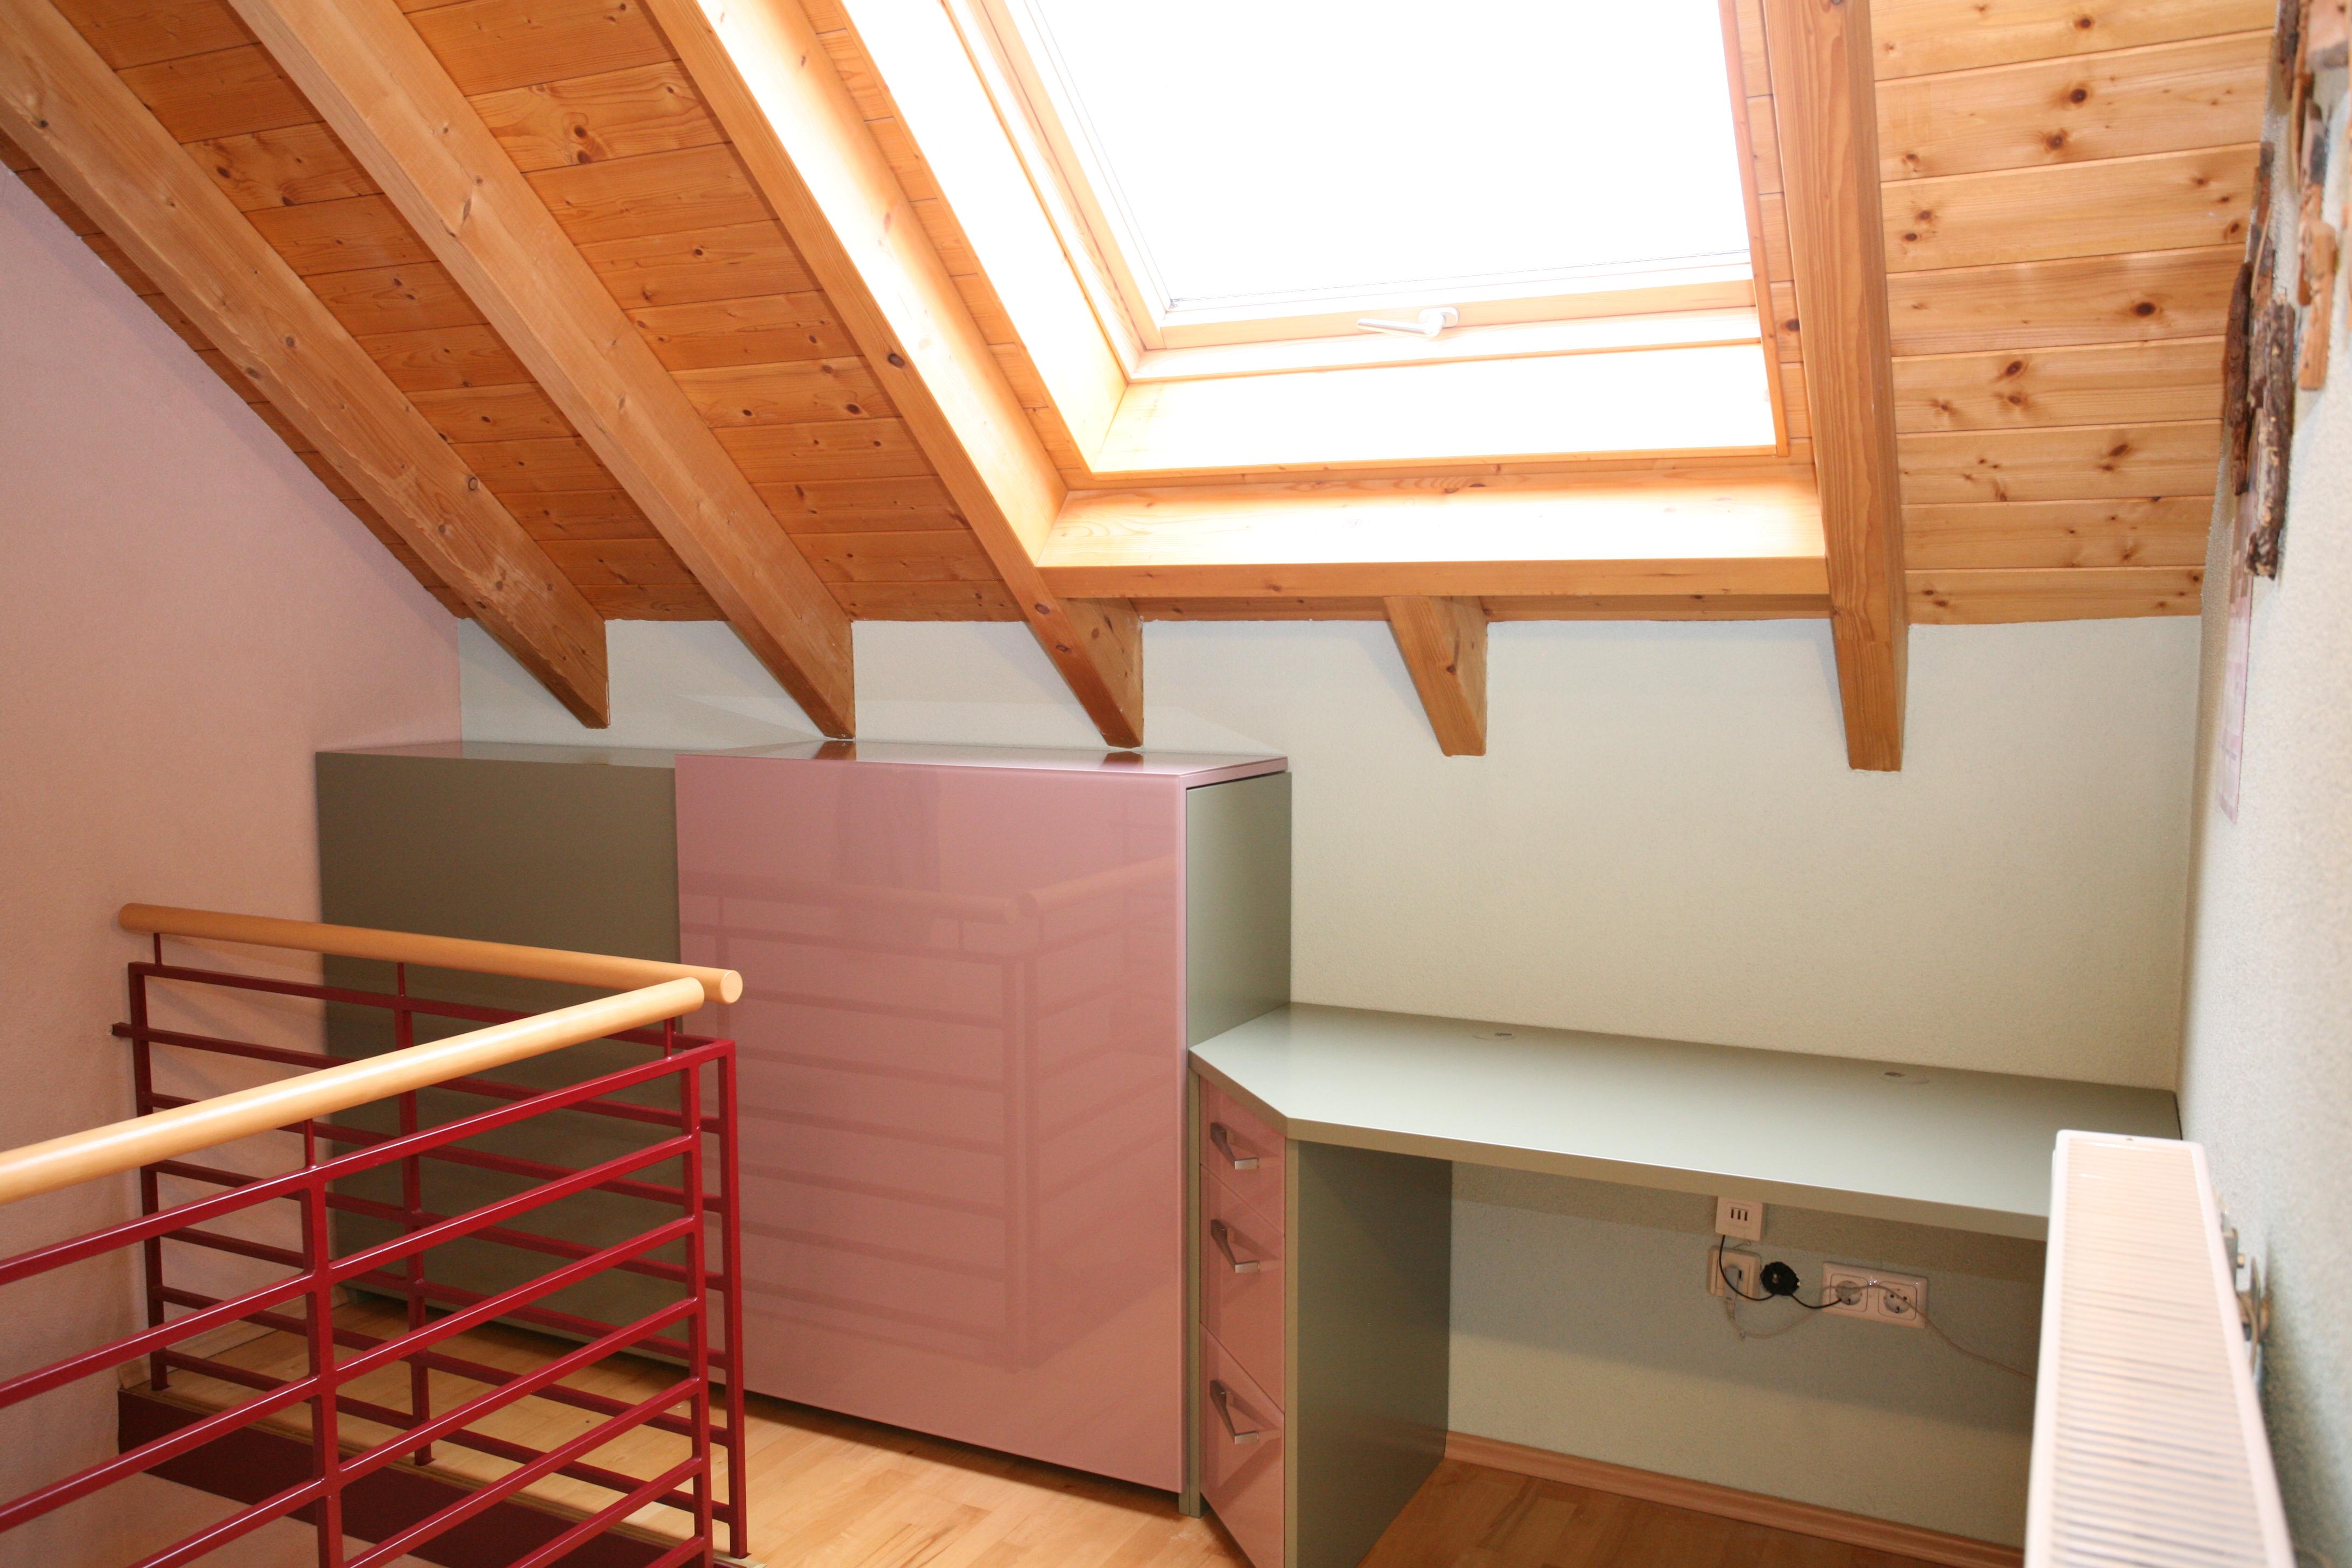 edles Büro unter der Dachschräge mit Glas und Holz farbig kombiniert